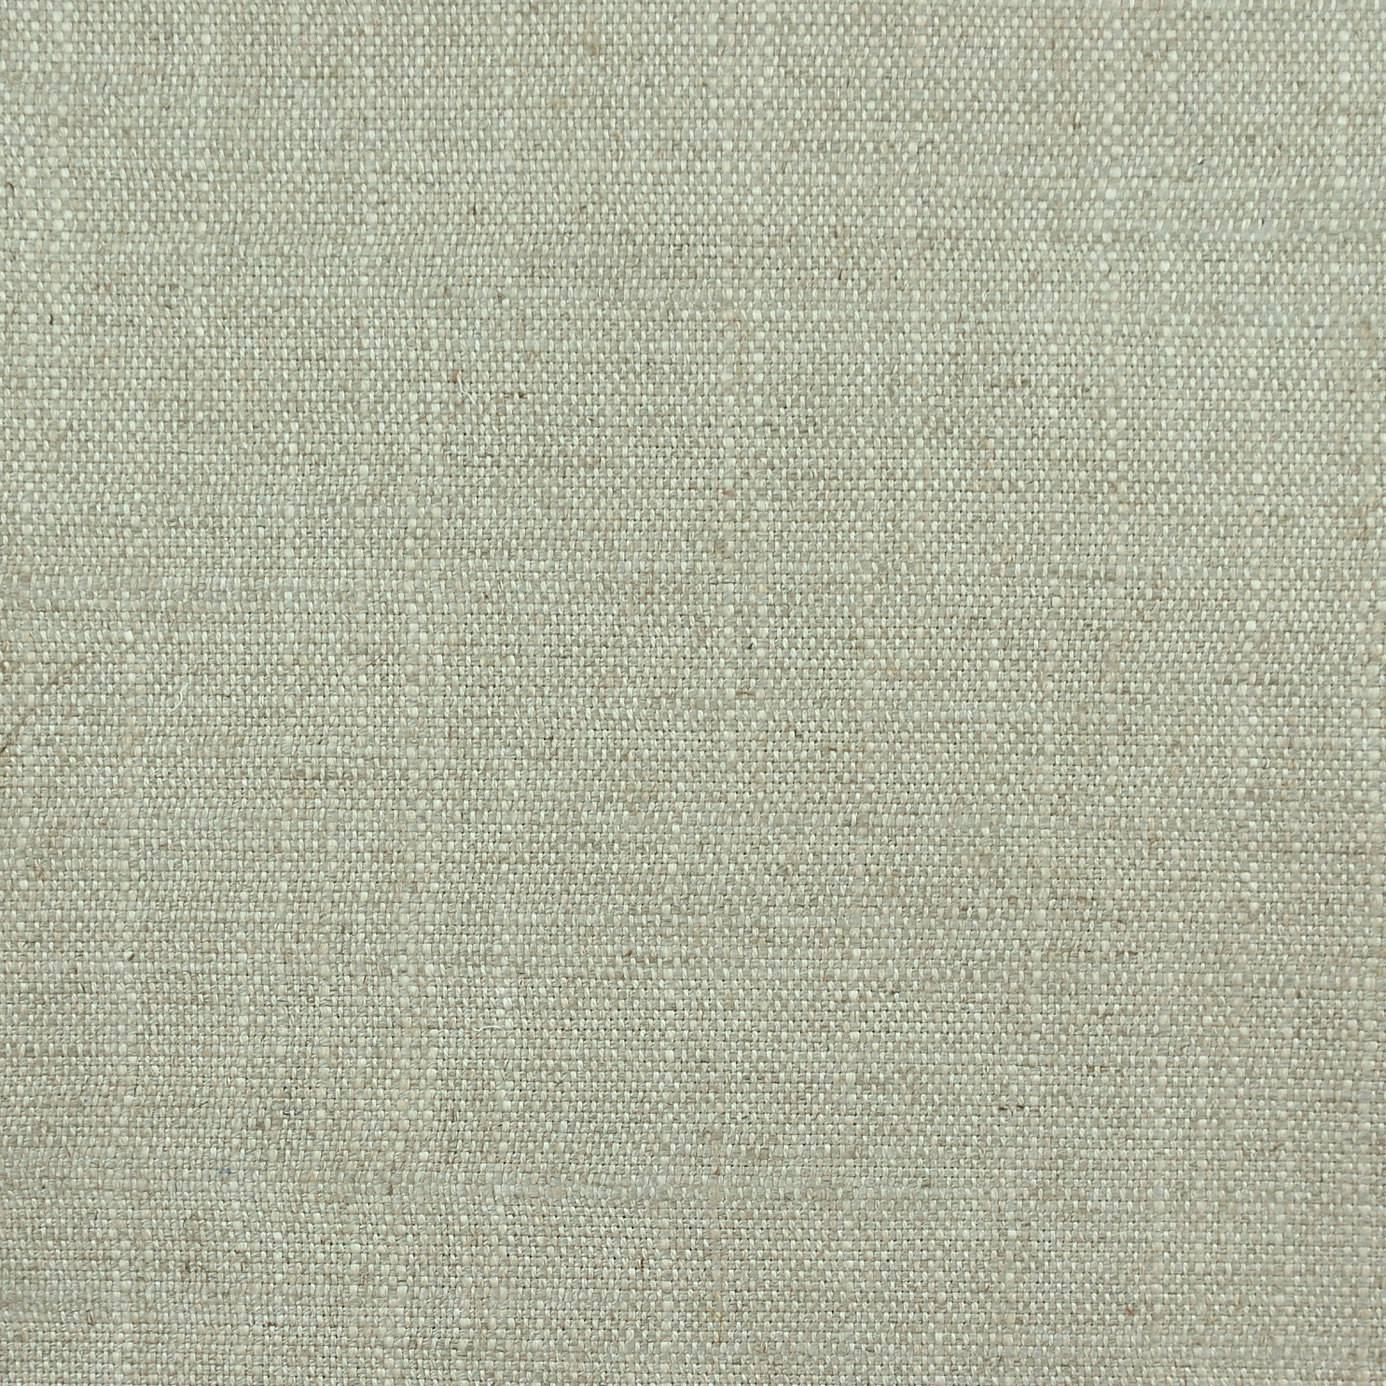 Asuri Fabric Seashell 7726 01 Romo Asuri Fabrics